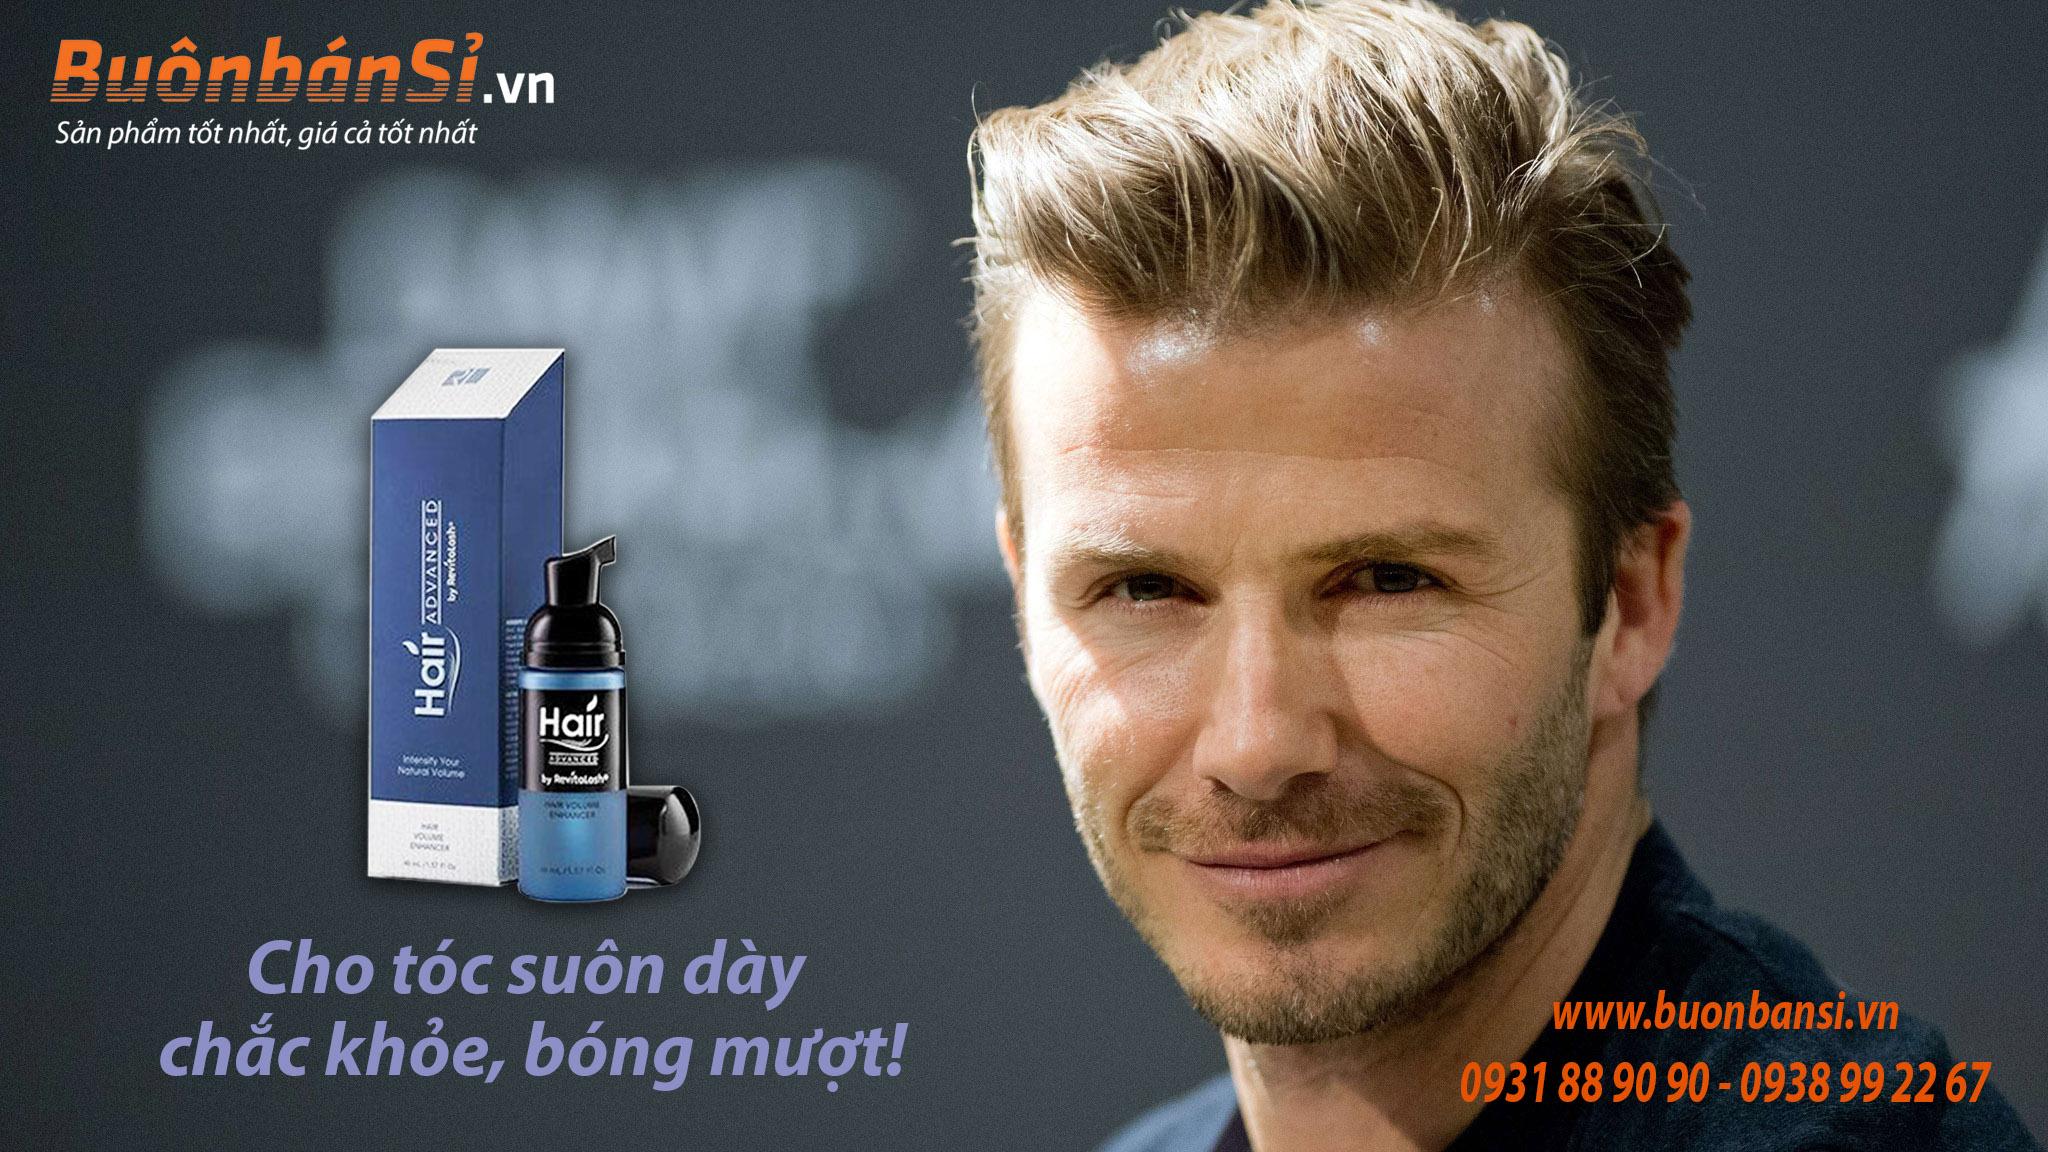 Serum mọc tóc Hair Advanced cho mái tóc suôn dày, chắc khỏe, bóng mượt